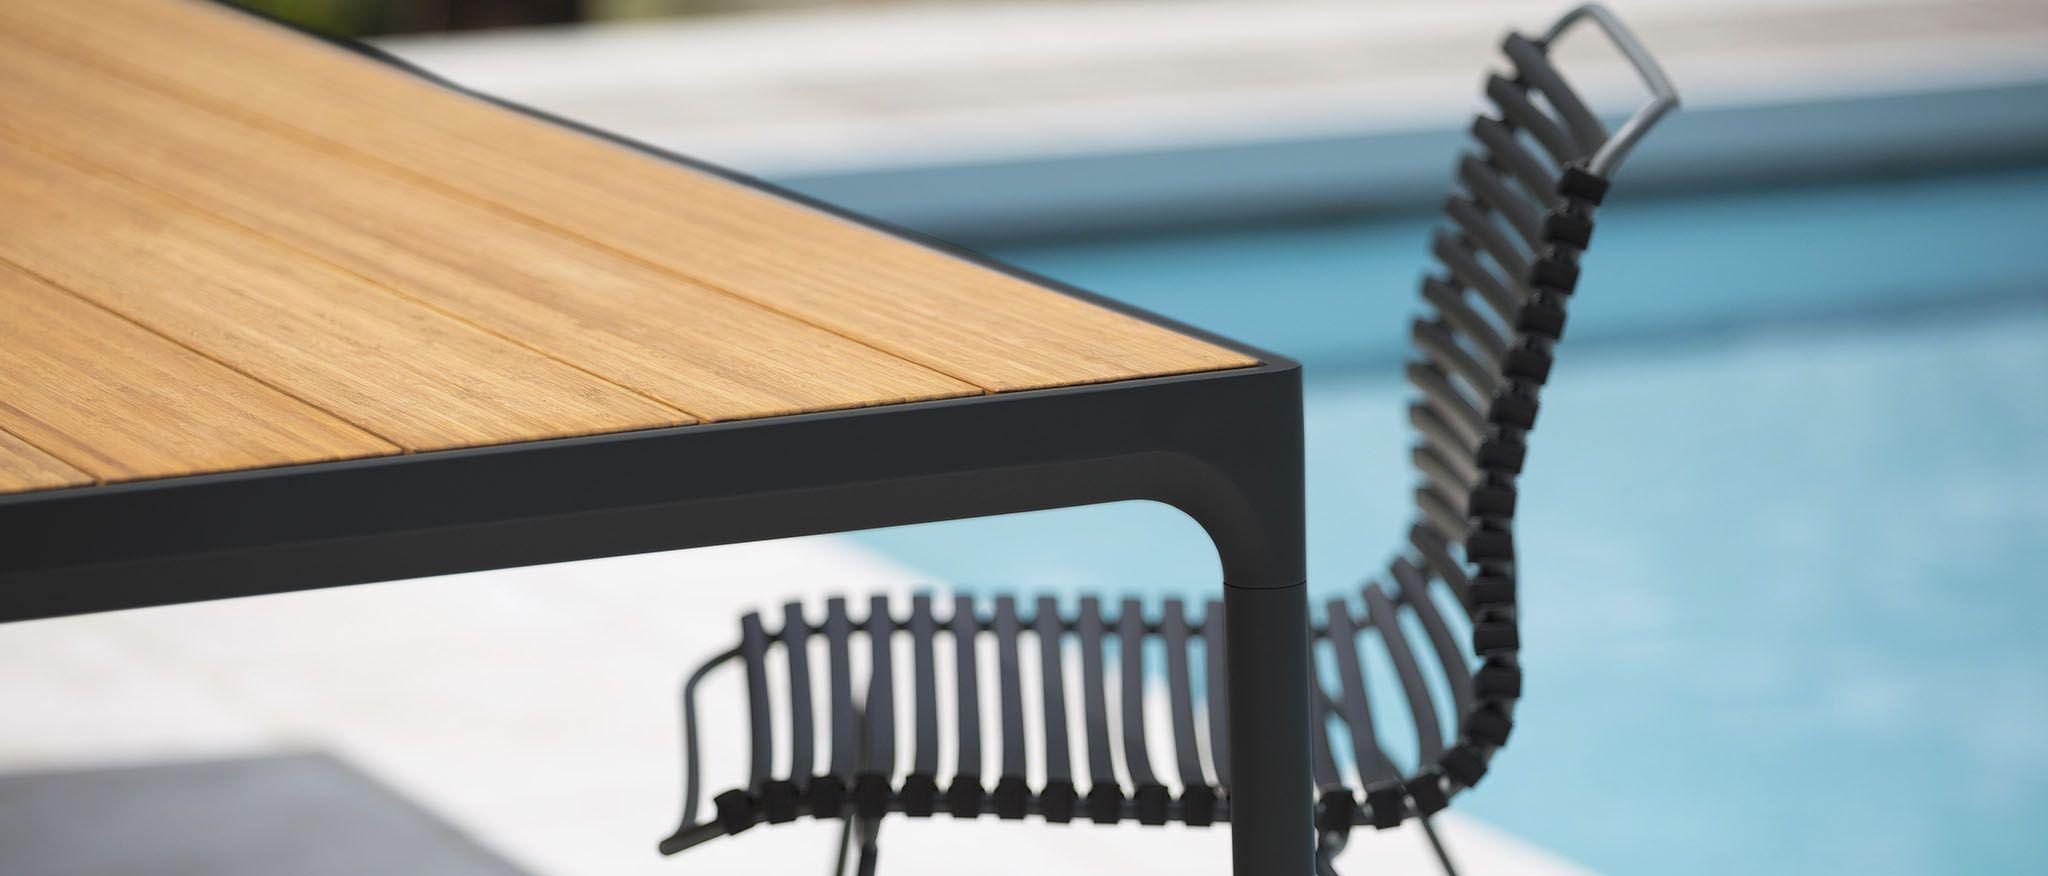 Click Dining Chair No Armrest | HOUE | Gartenmöbel, Garten